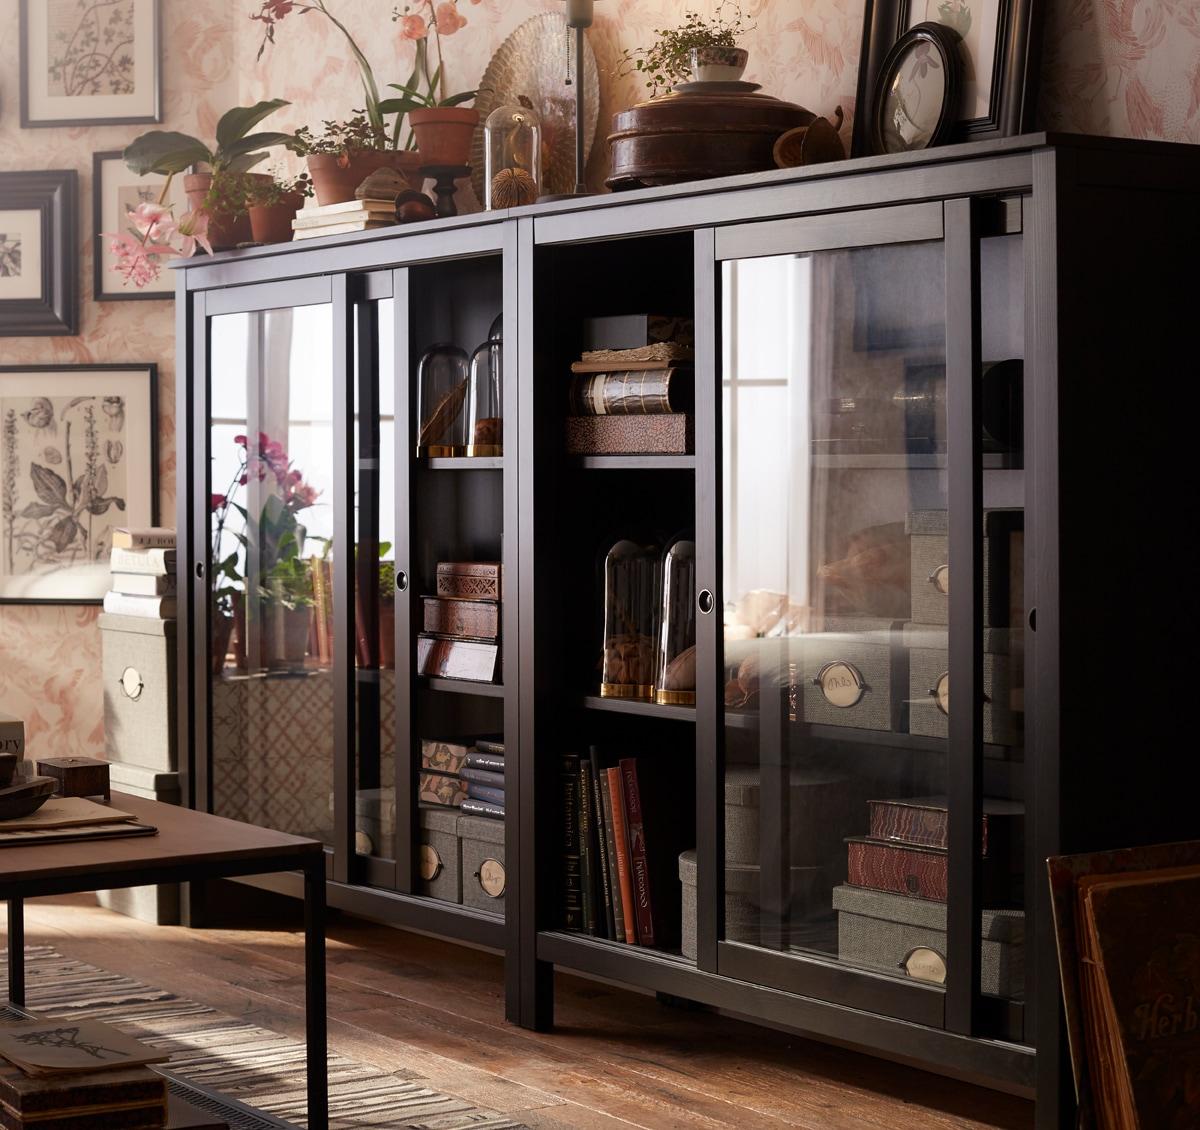 Offene Wohnzimmeraufbewahrung Ideen Ikea Deutschland